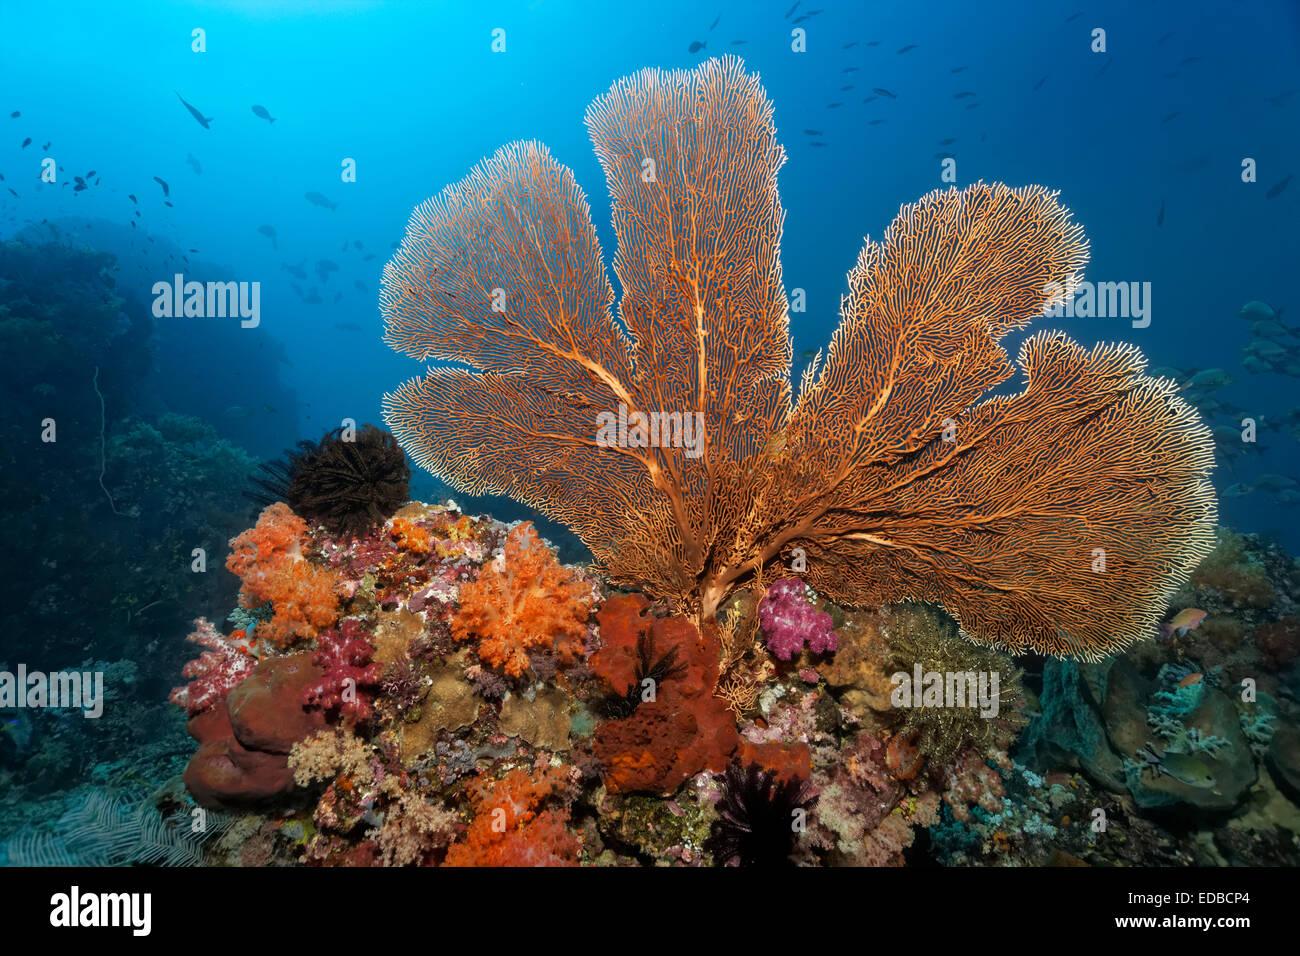 Korallenriff-Dach mit großen Gorgonie (Annella Mollis), verschiedene Weichkorallen (Alcyonacea), Steinkorallen Stockbild